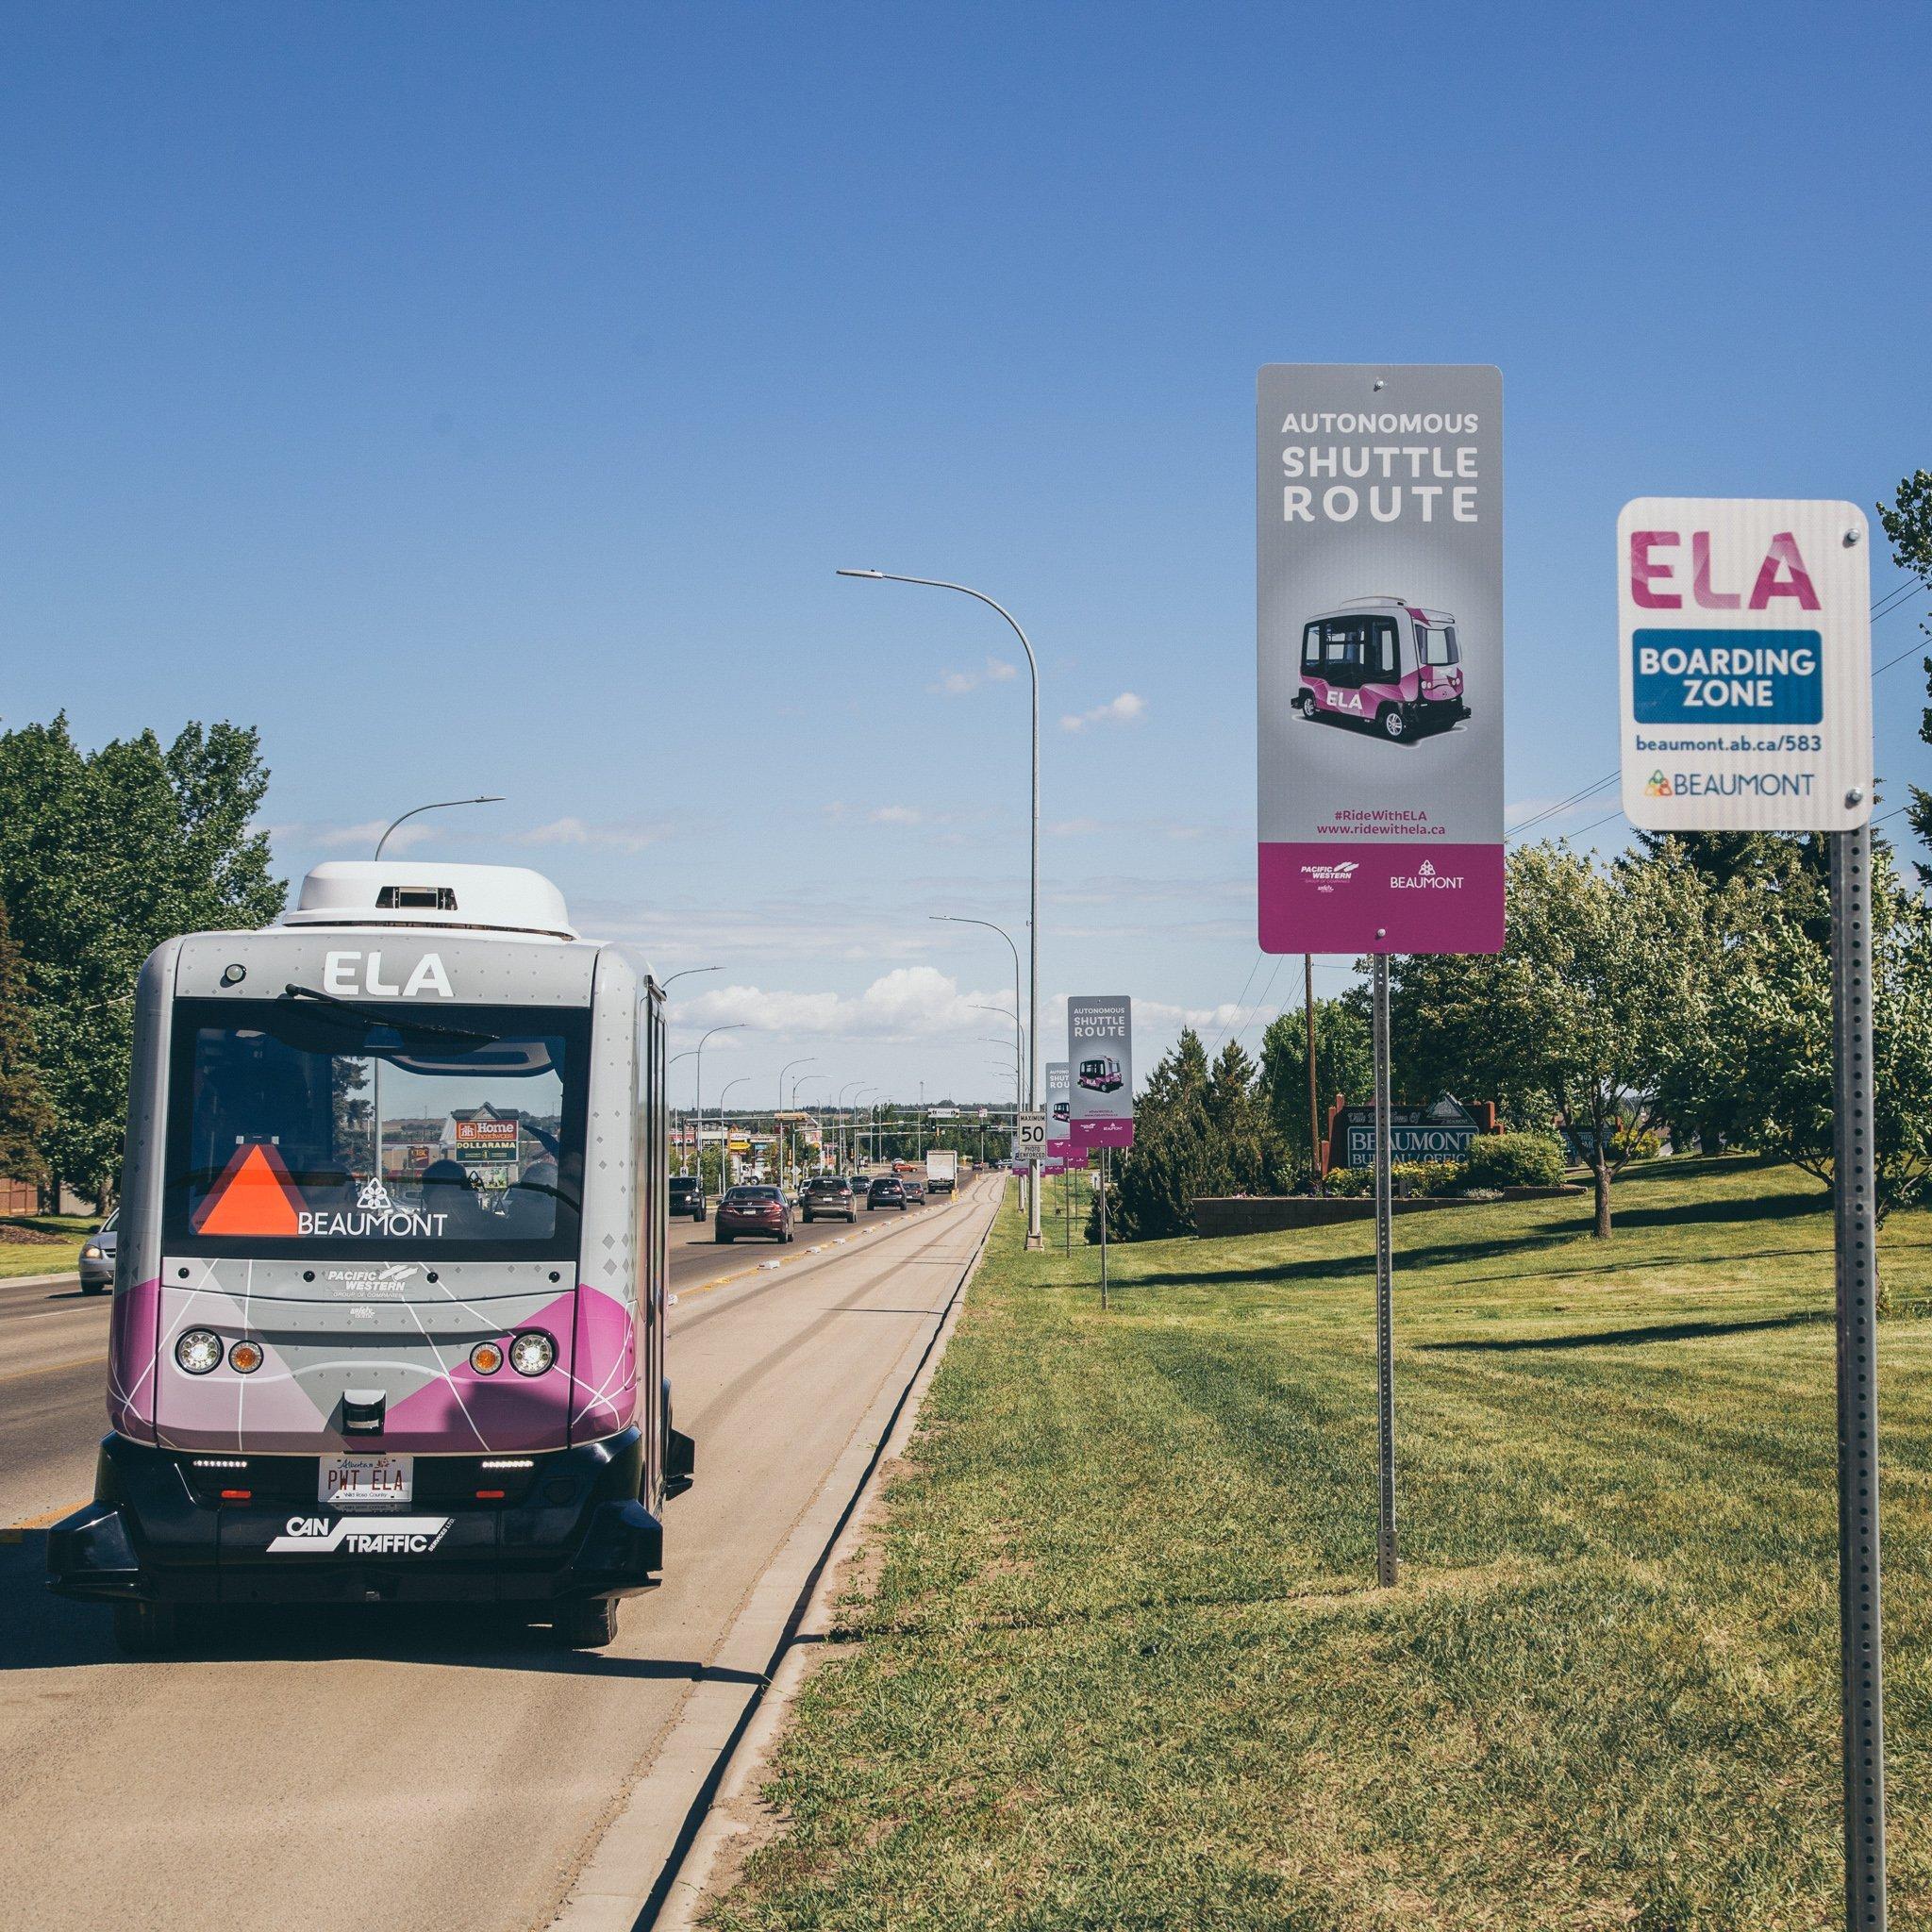 Beaumont Rides Autonomous Vehicle Into Limelight